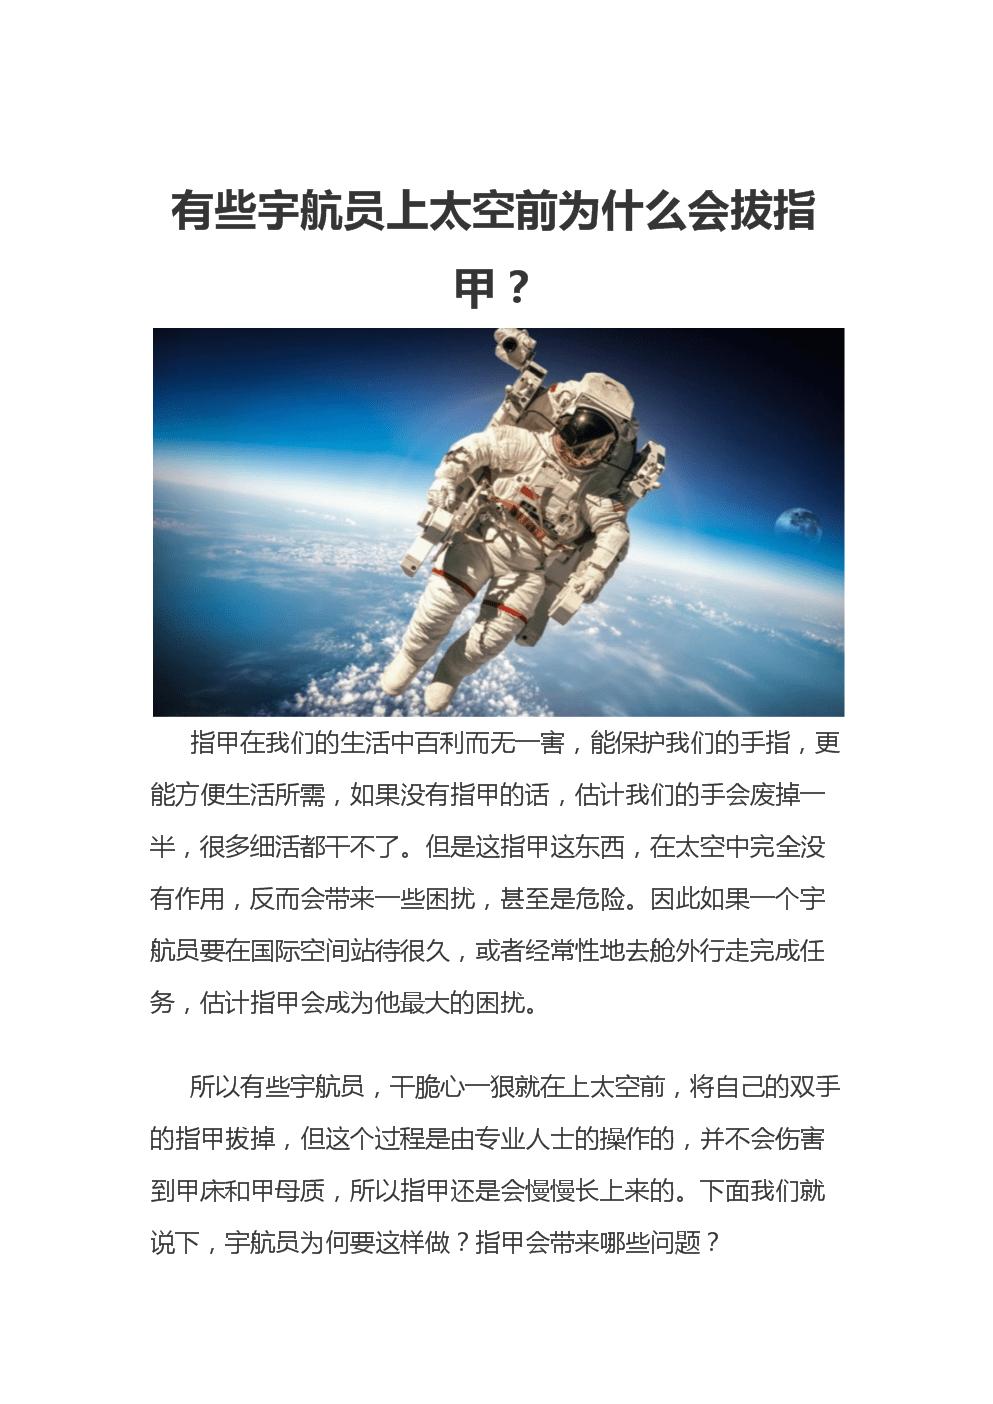 有些宇航员上太空前为什么会拔指甲?.docx